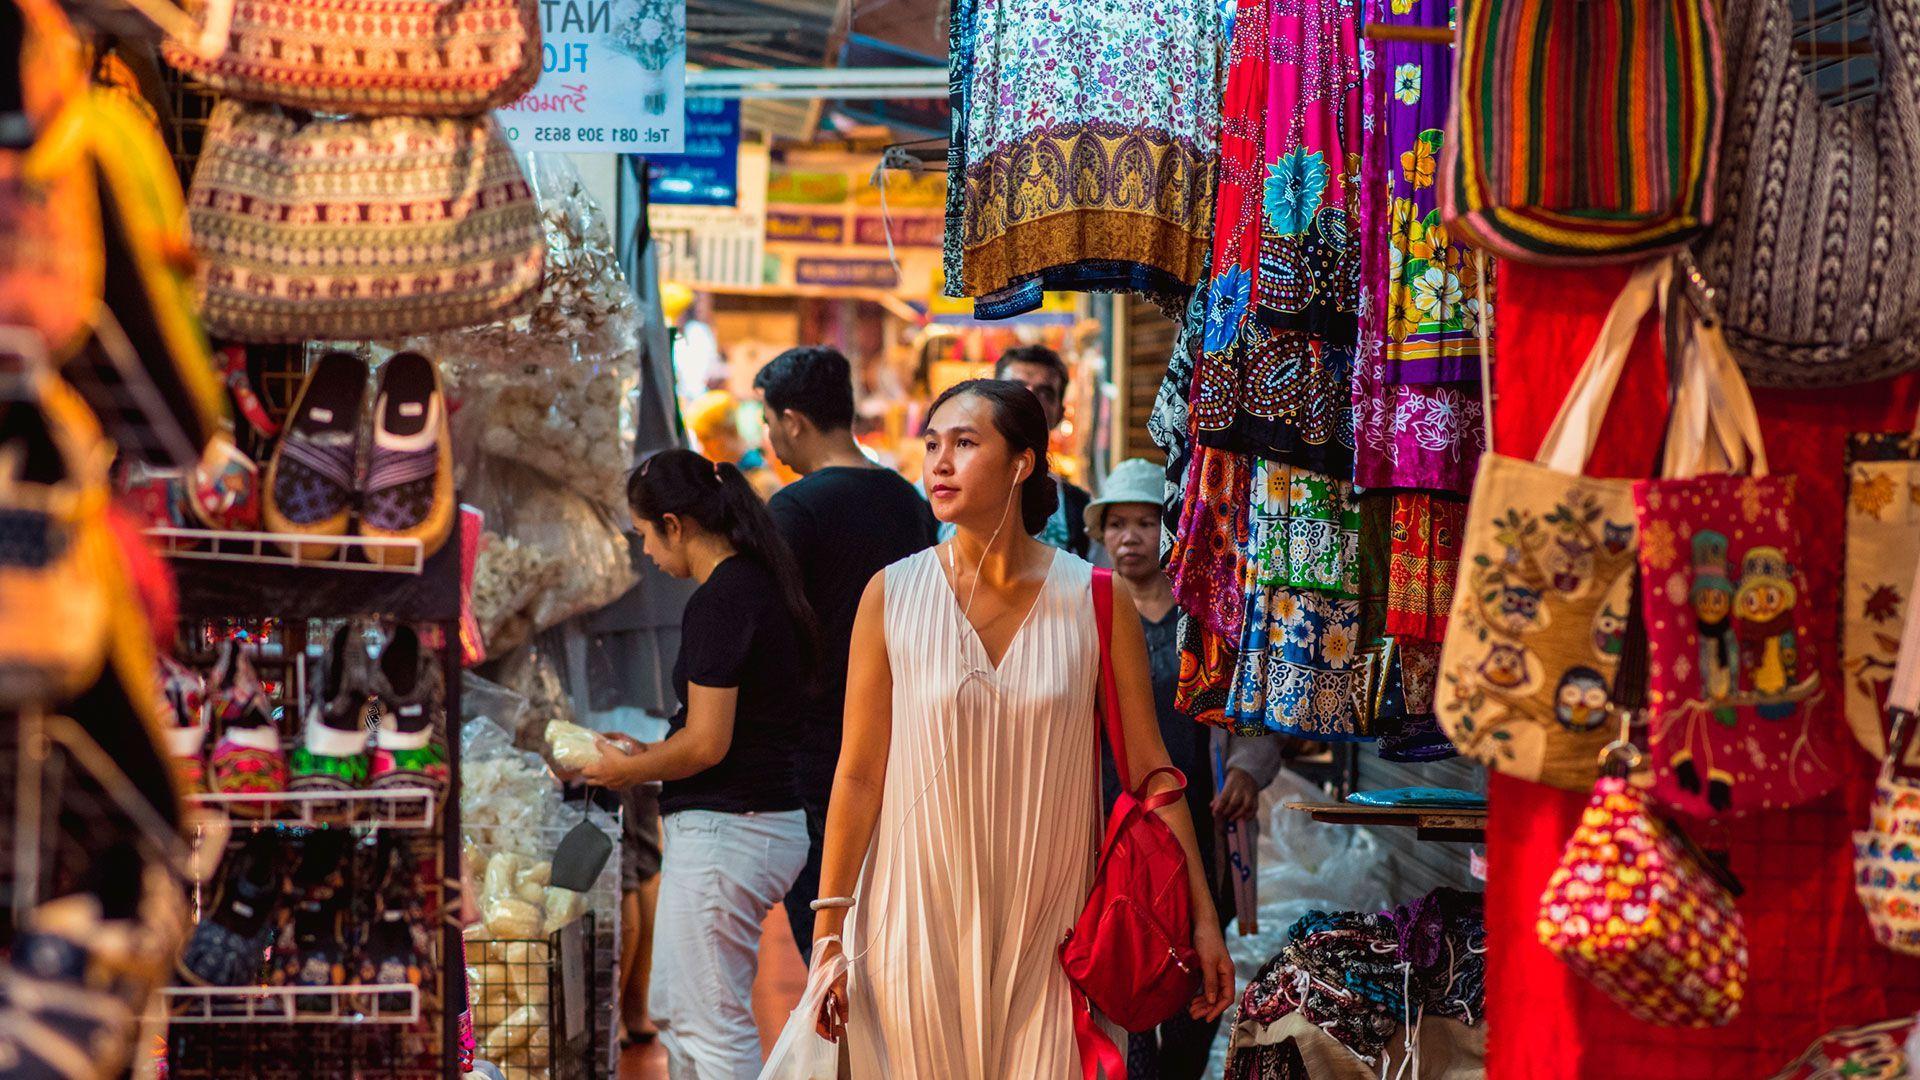 Чатучак, Бангкок | Топ-8 самых колоритных рынков мира | Brain Berries